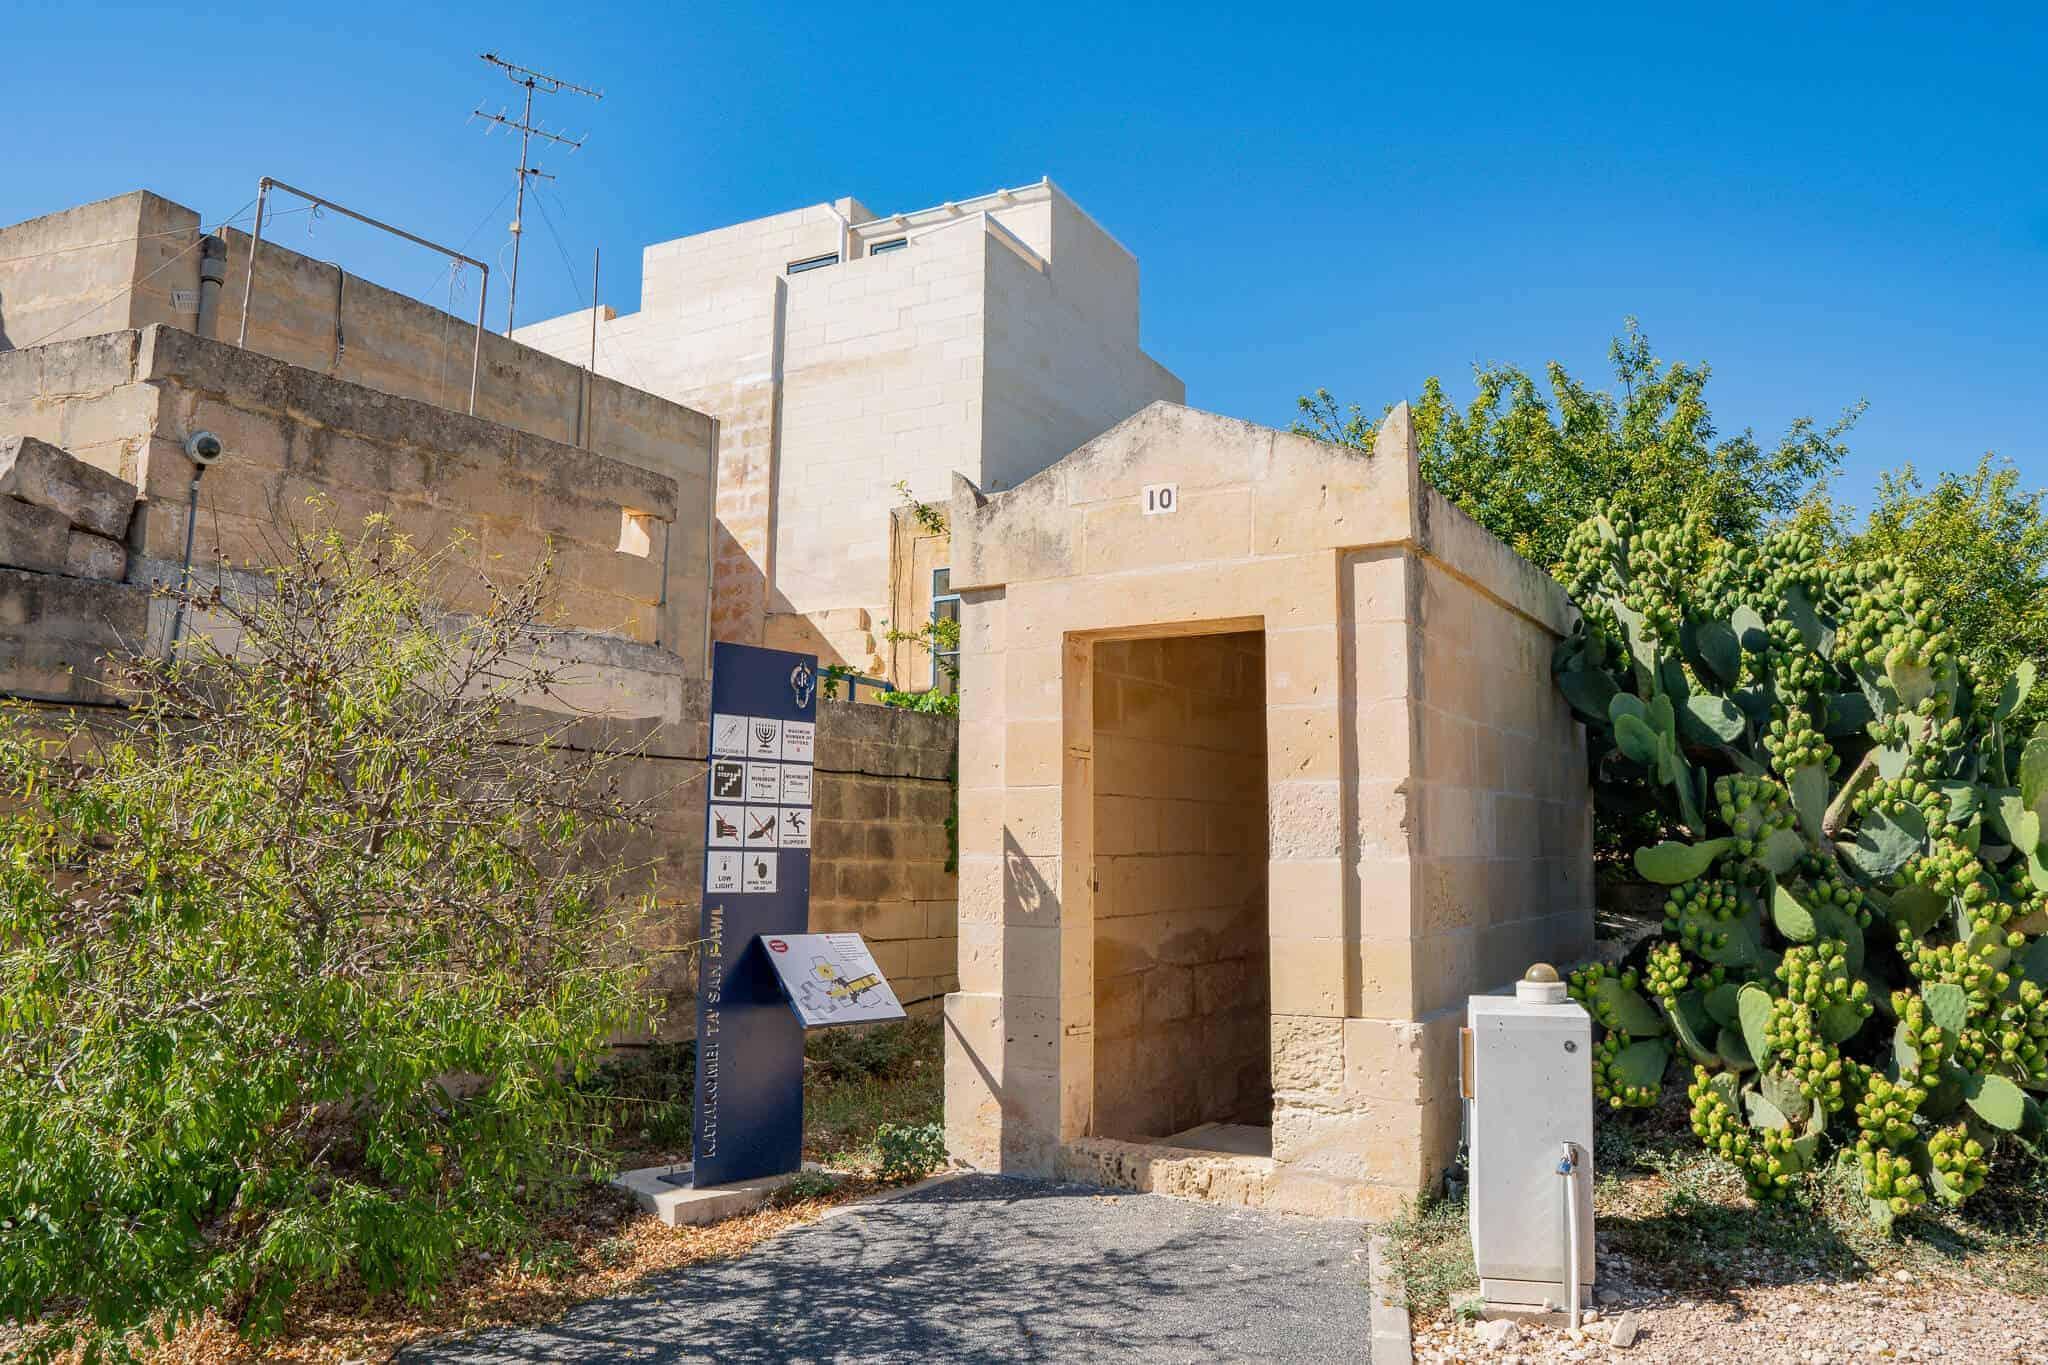 Eingang Katakomben Rabat Malta